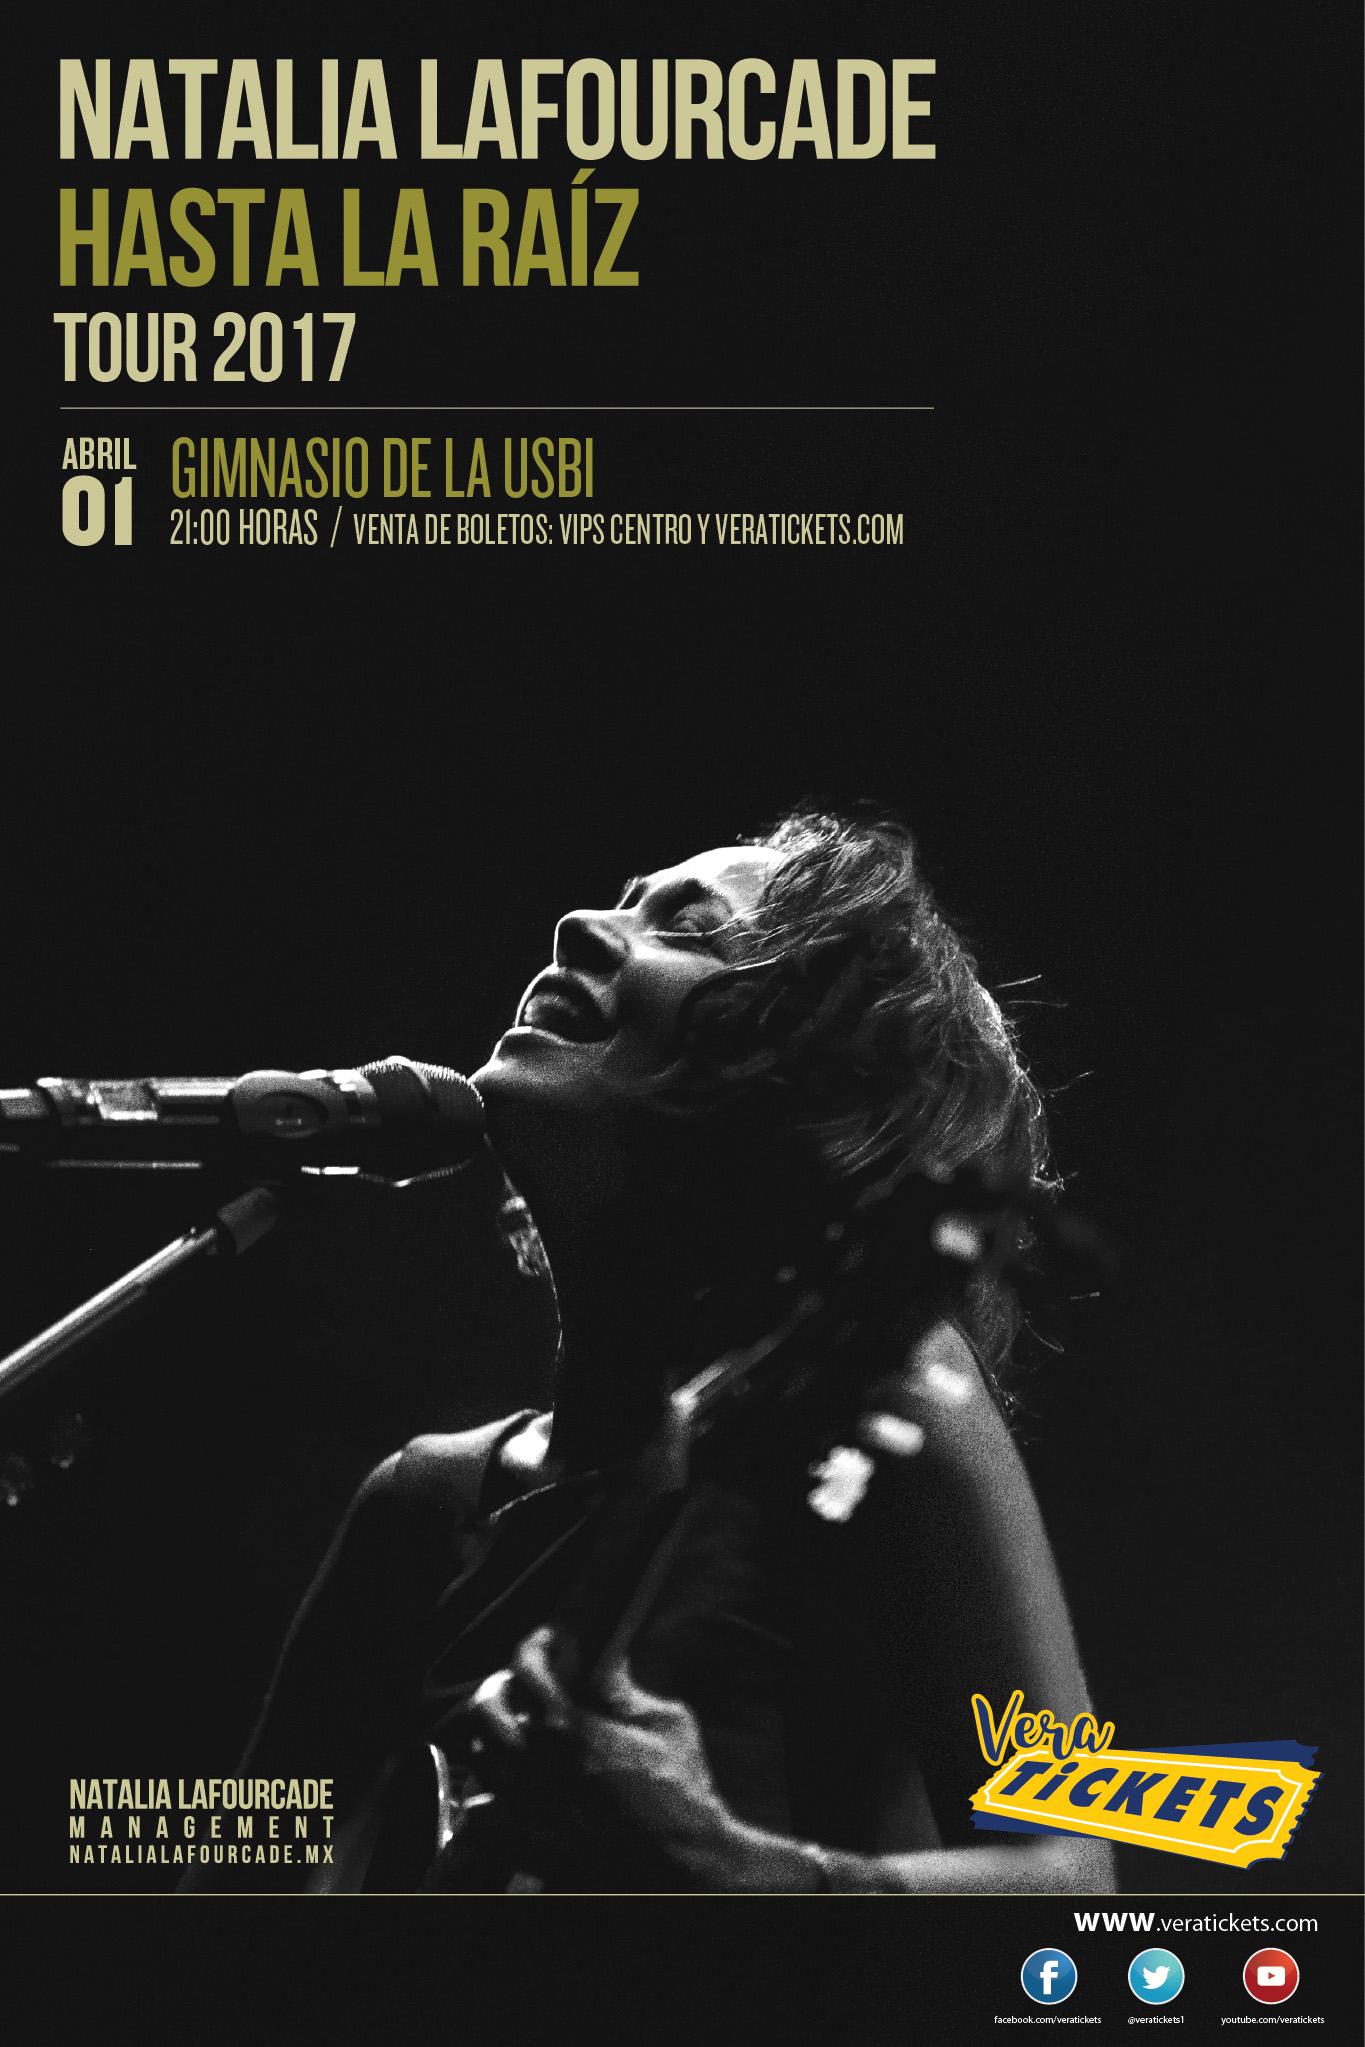 natalia-lafourcade-xalapa-abril-2017-veracruz-hasta-la-raiz